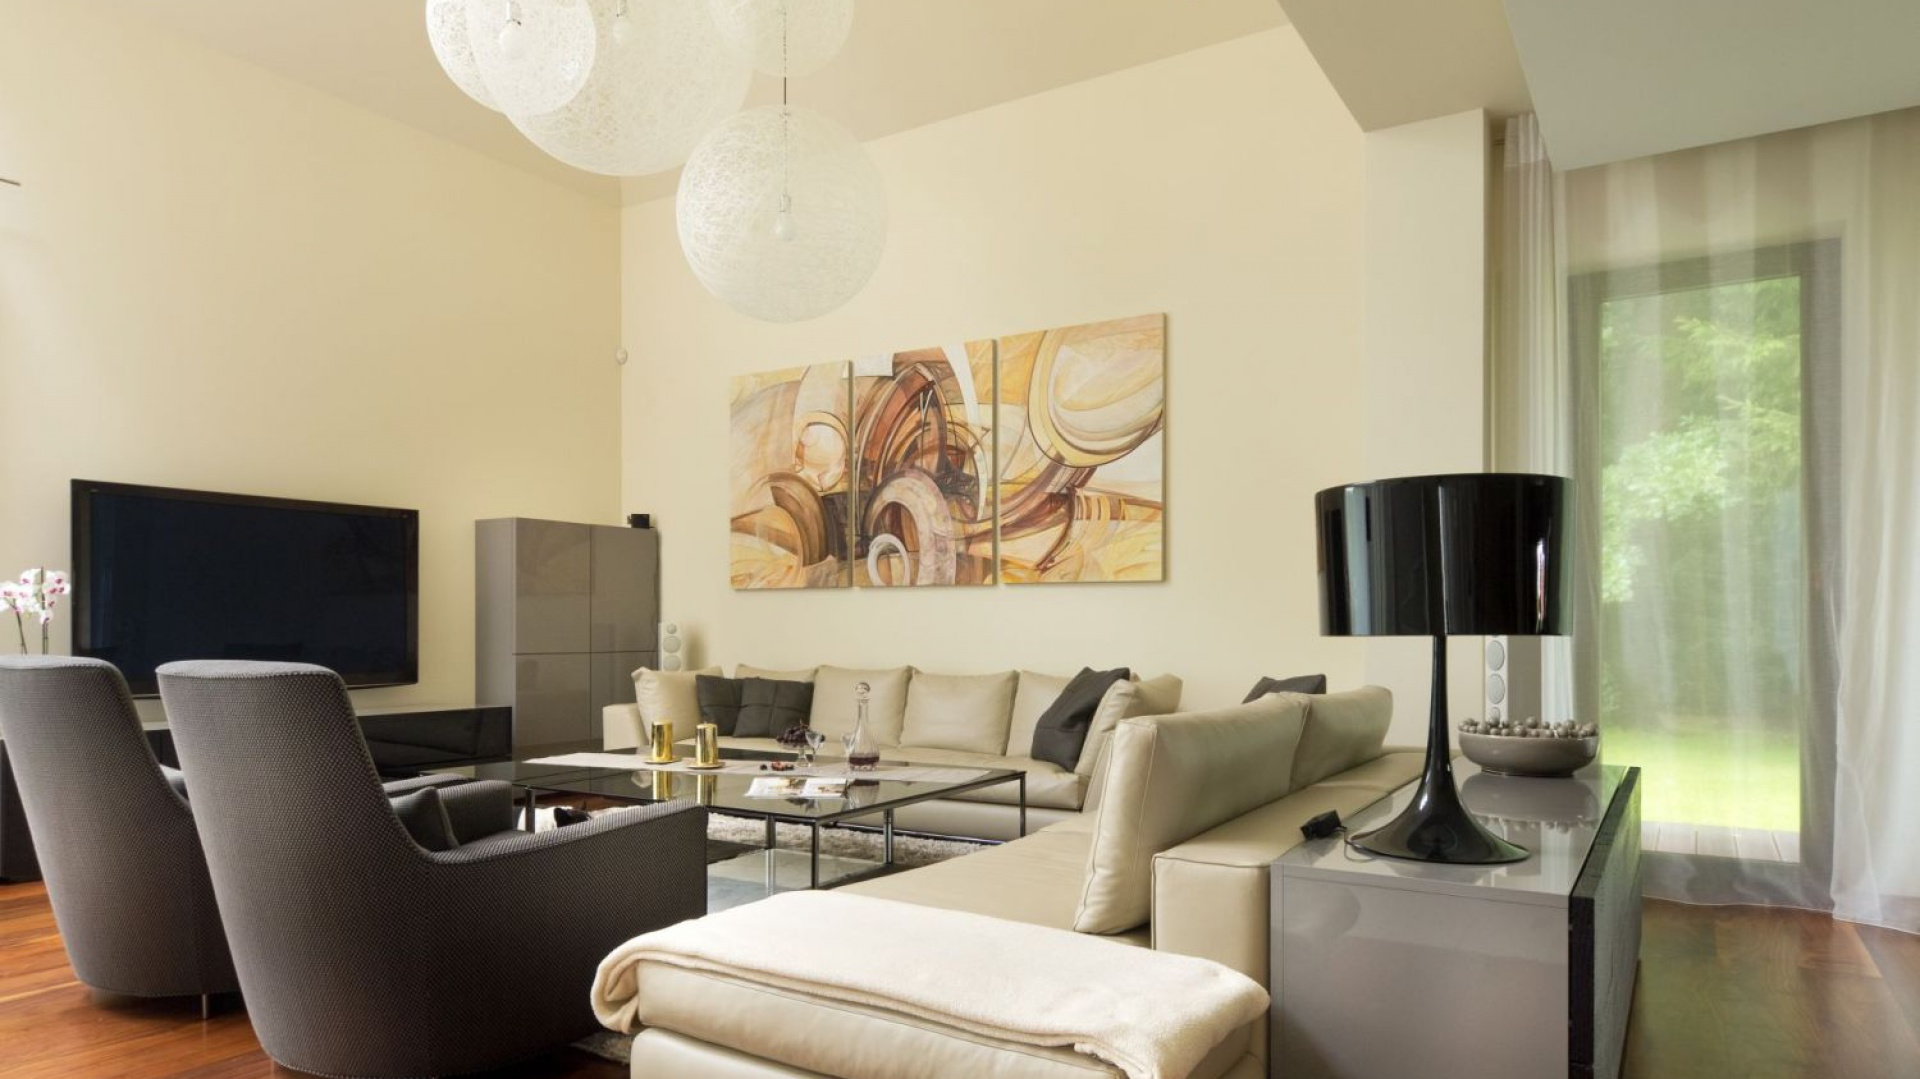 W przestronnym wnętrzu część salonowa została znacznie podwyższona. Ubrane w jasne stonowane kolory sprzyja relaksacji i wypoczynkowi. Projekt: Tomasz Tubisz. Fot. Przemysław Andruk.